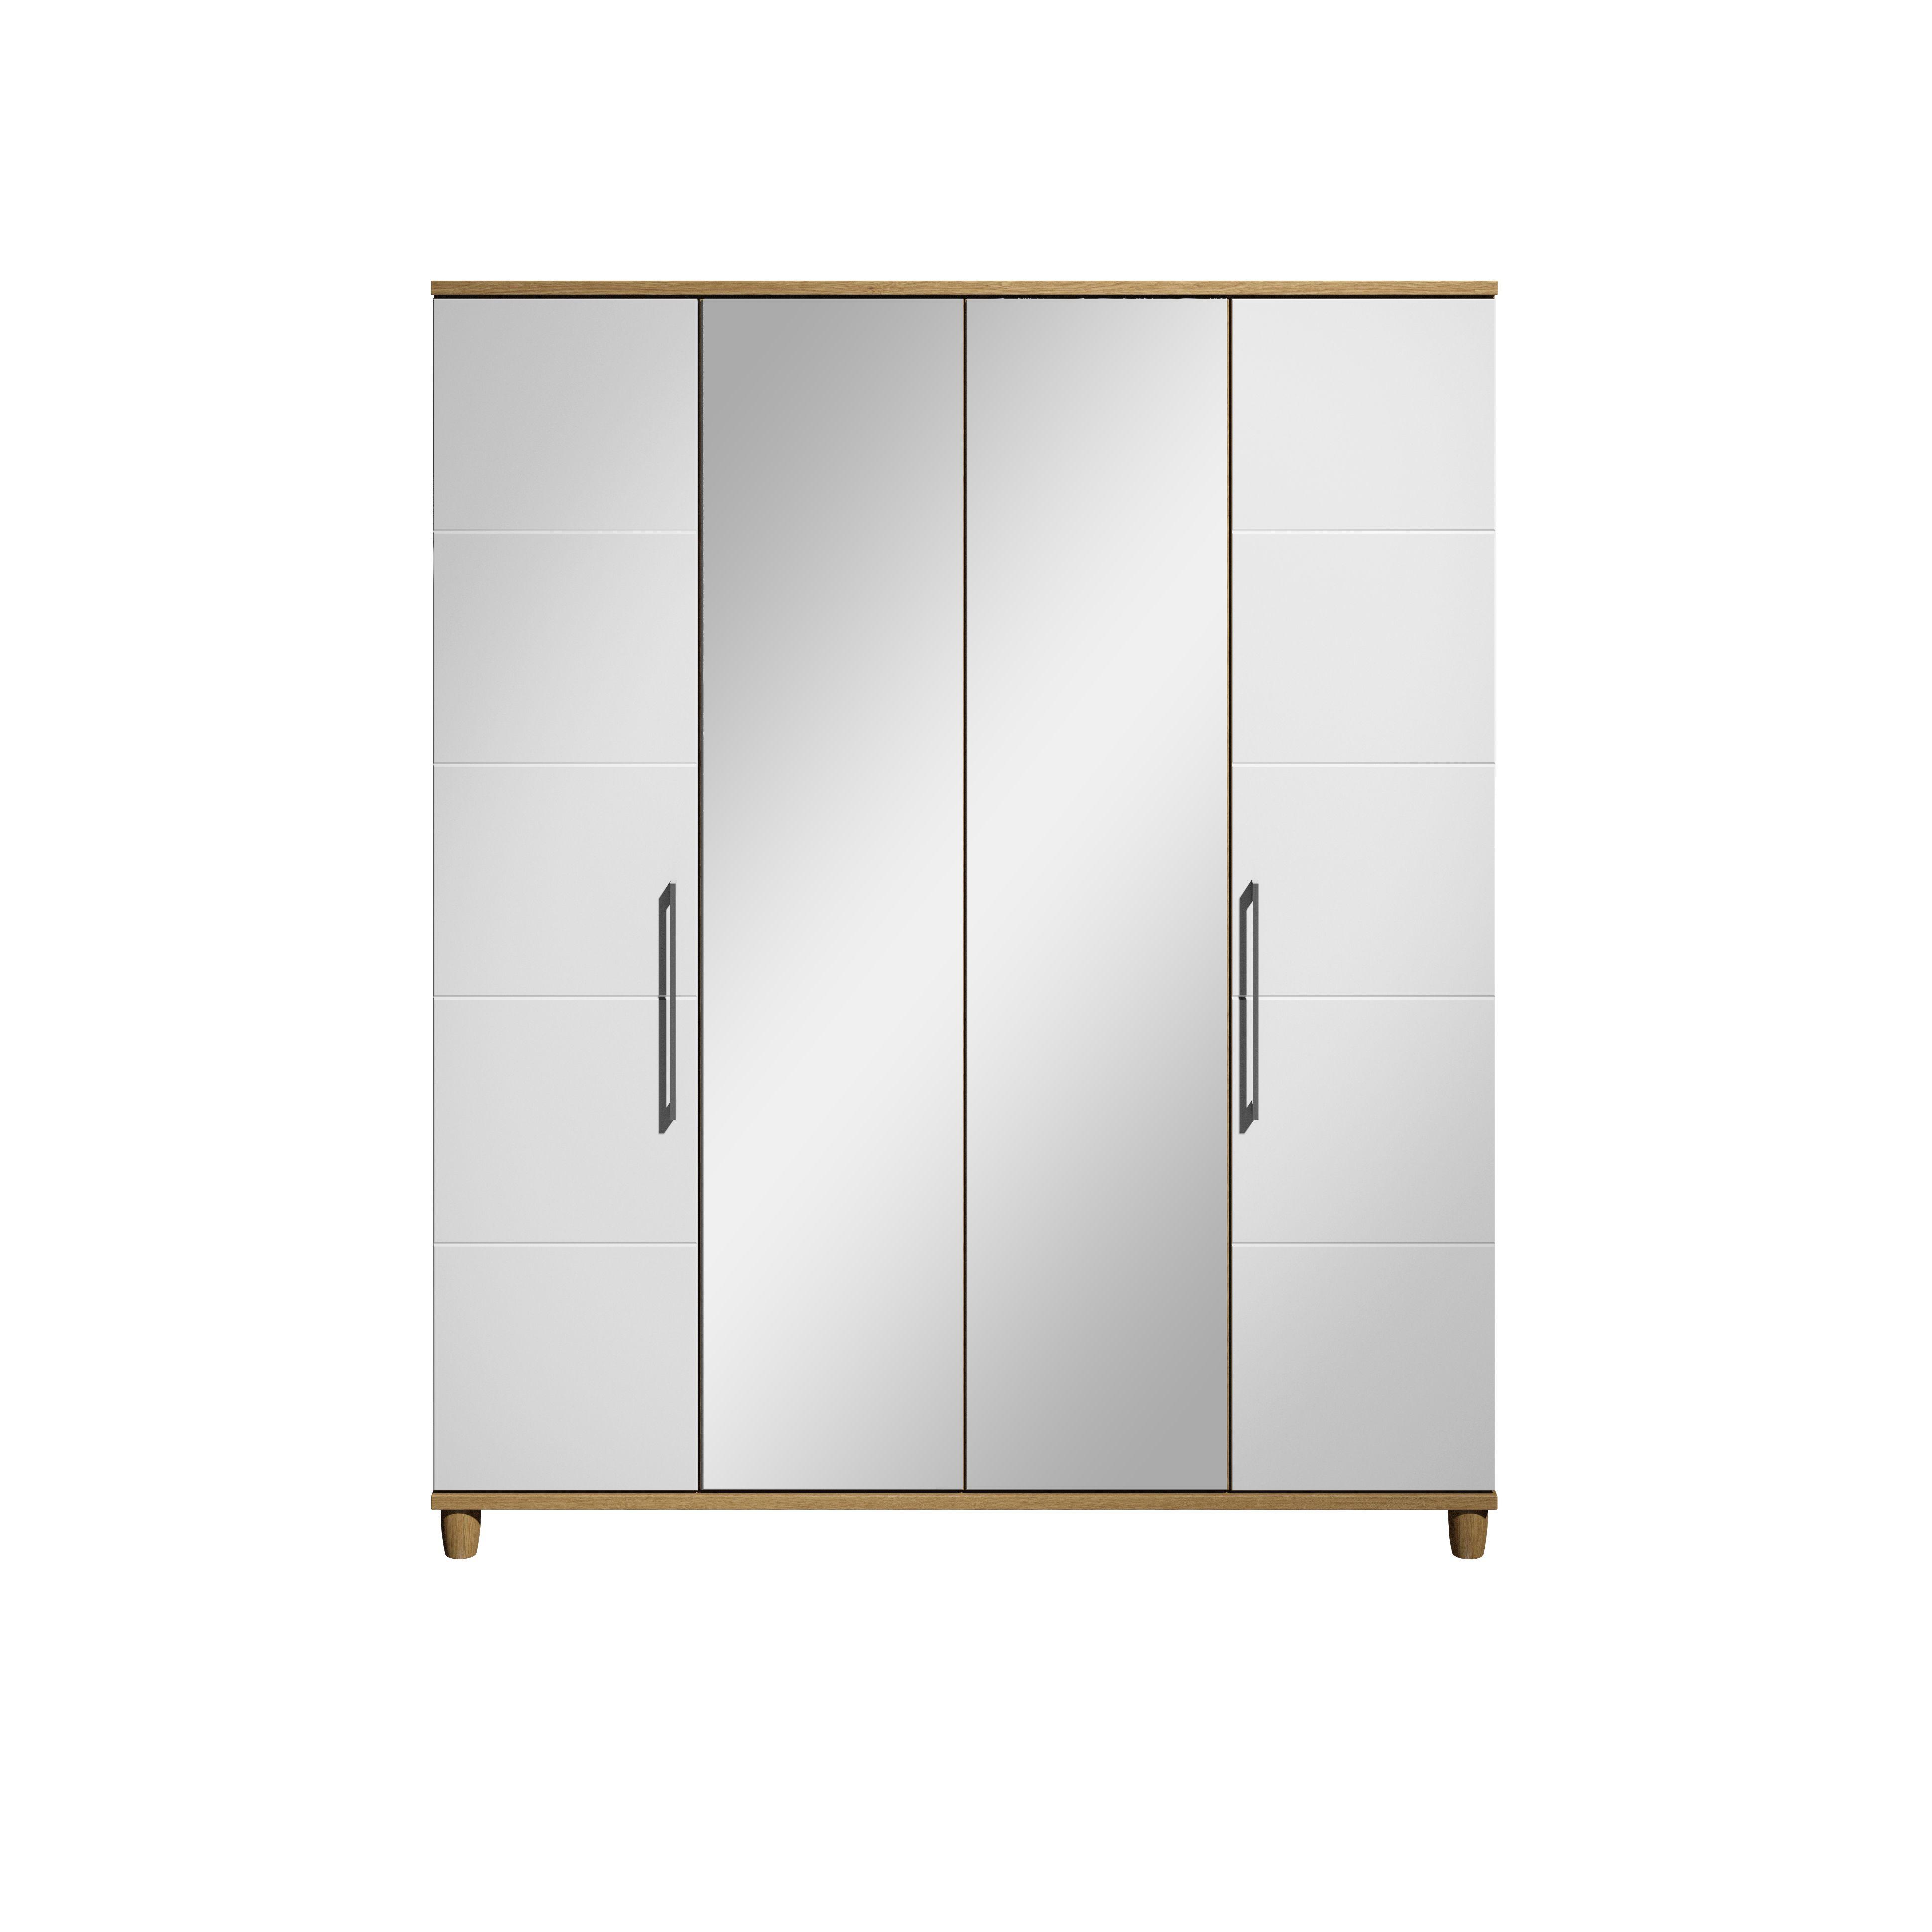 Eris Oak & White Mirror Wardrobe